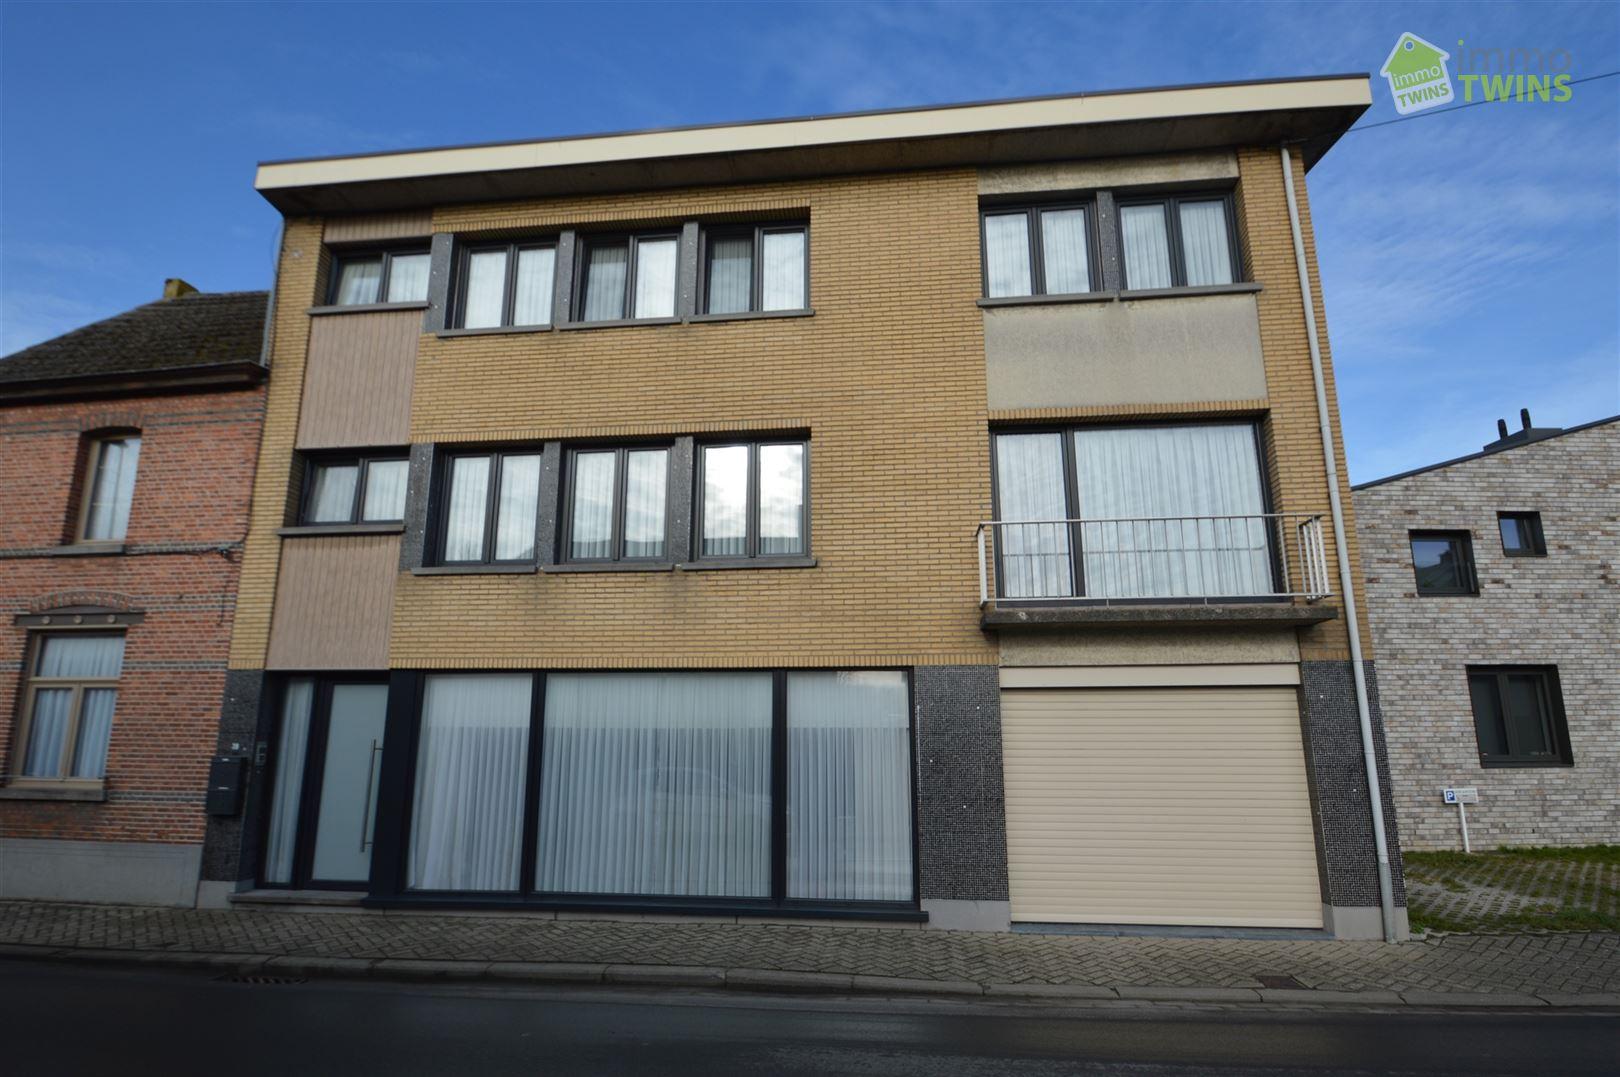 Foto 1 : Appartement te 9200 Oudegem (België) - Prijs € 700